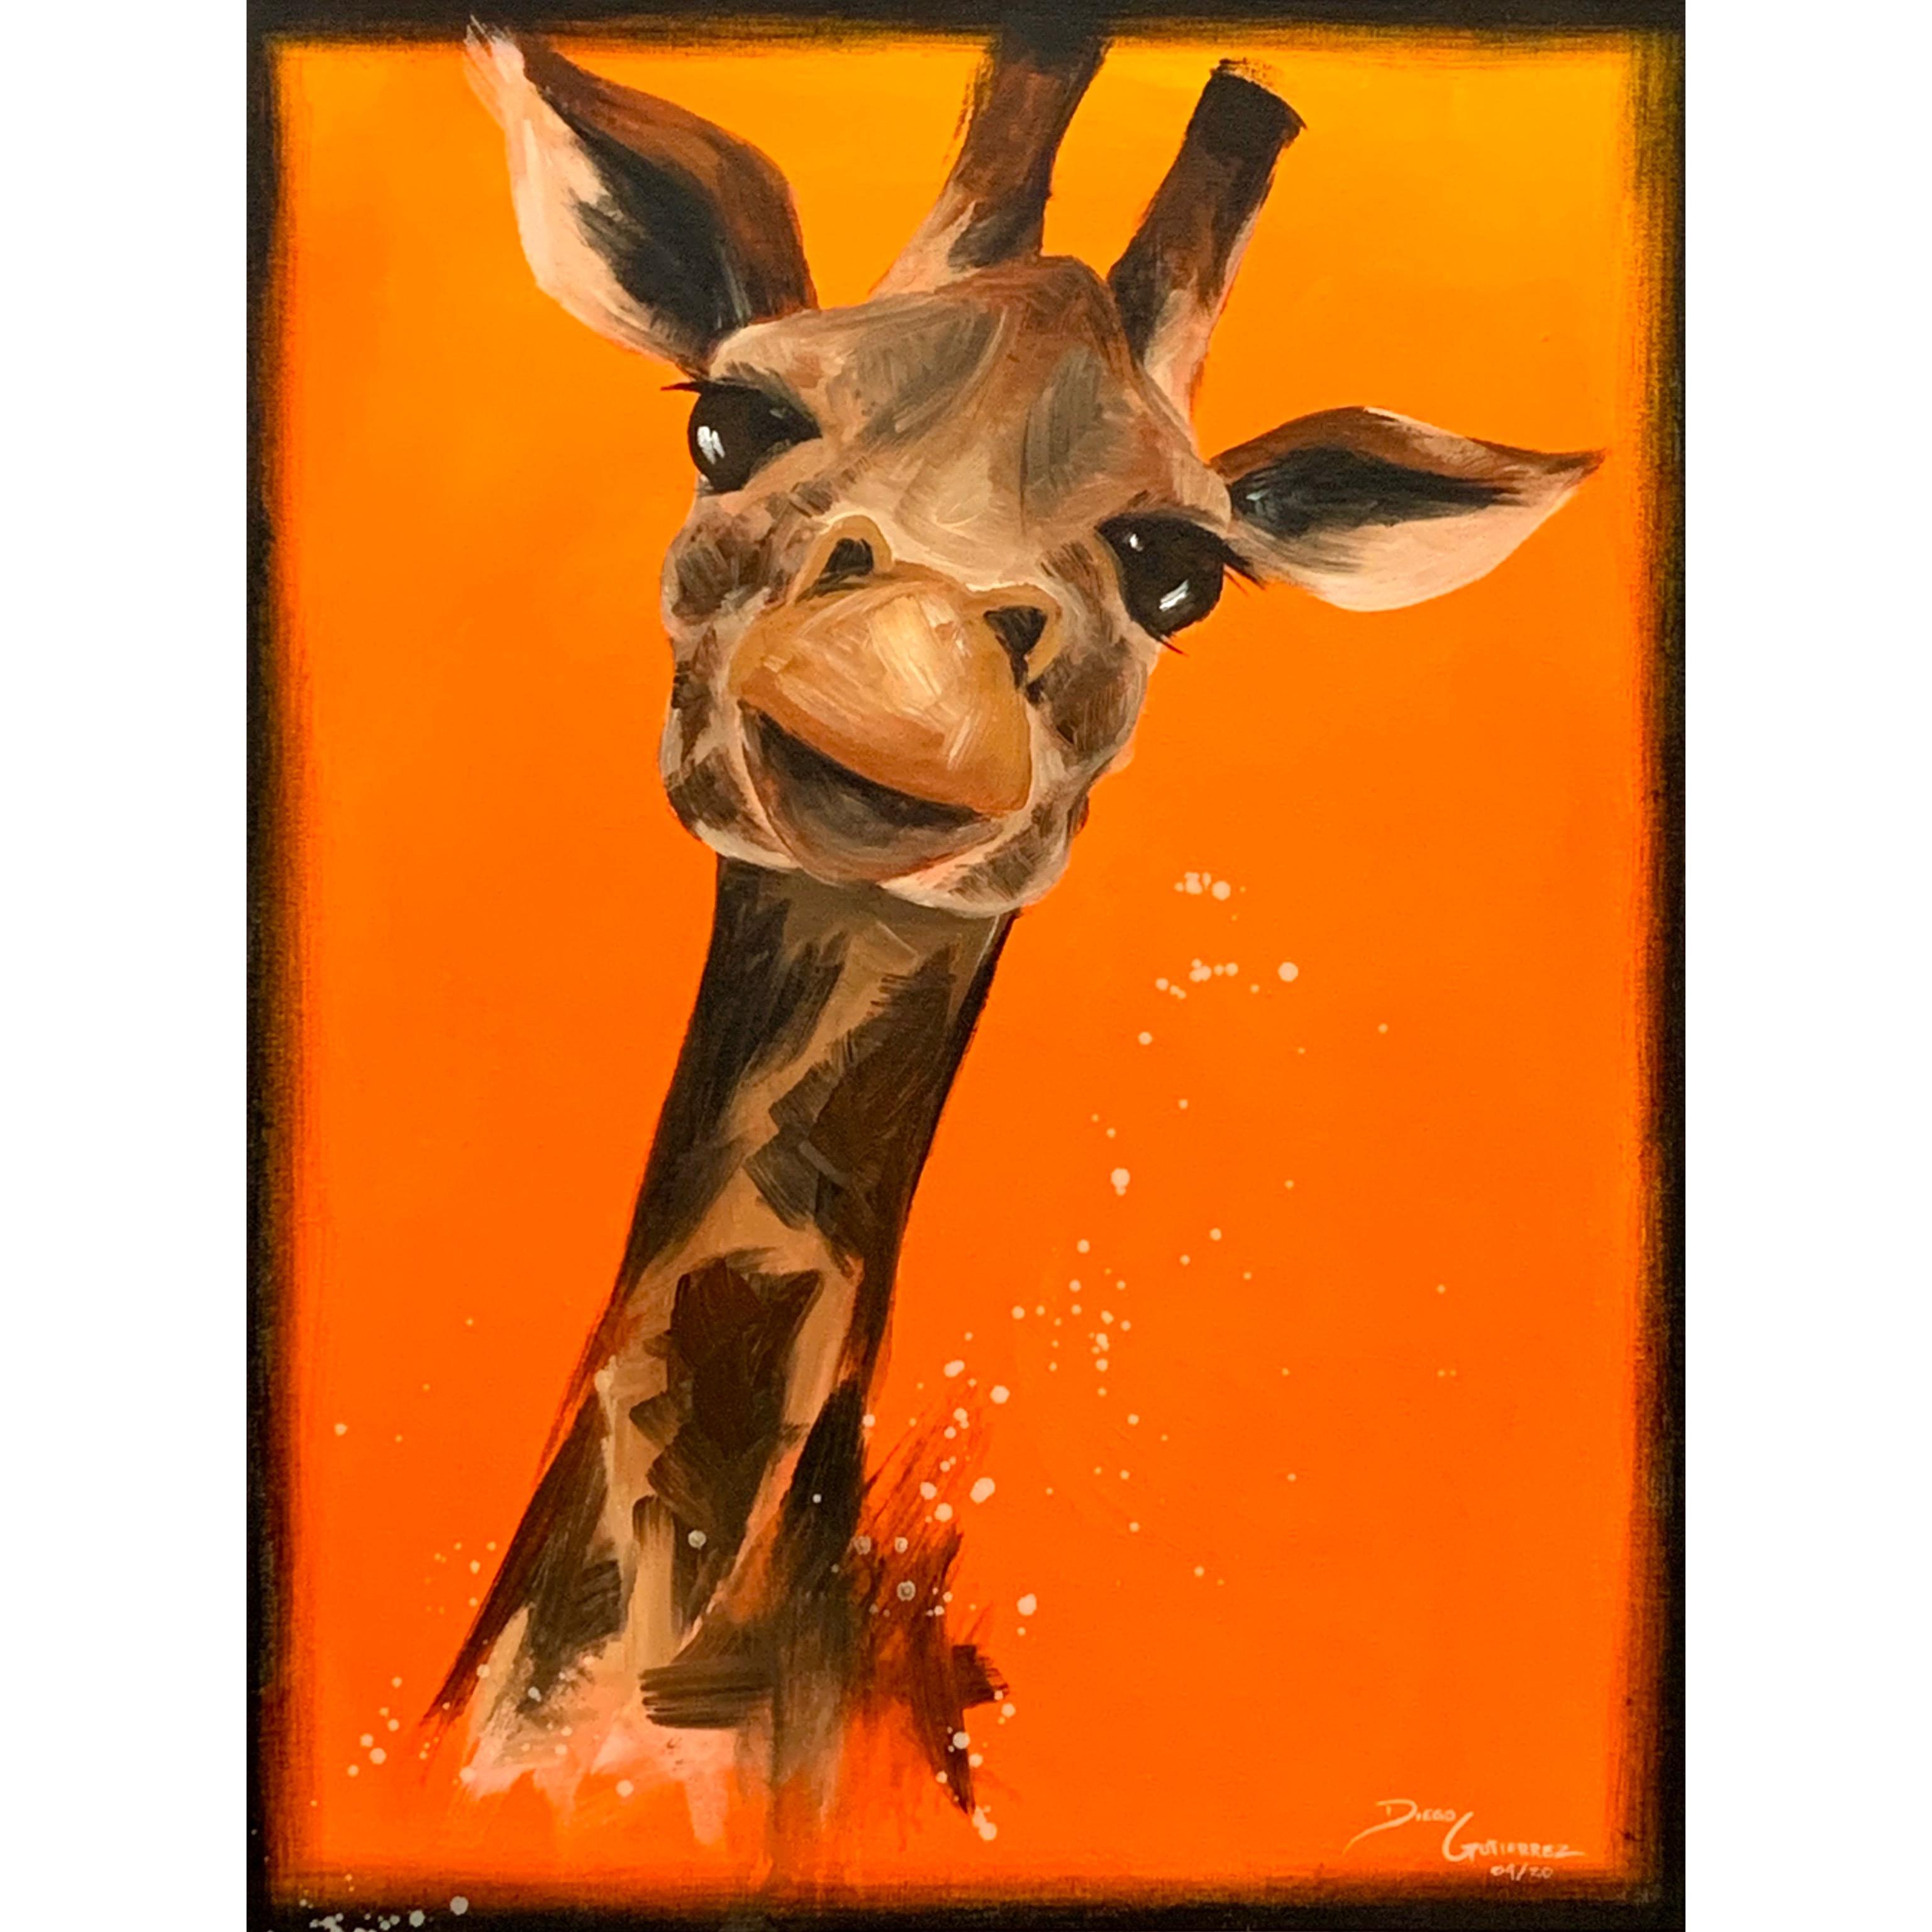 diego-gutierrez-gallery-animals-giraffe-01